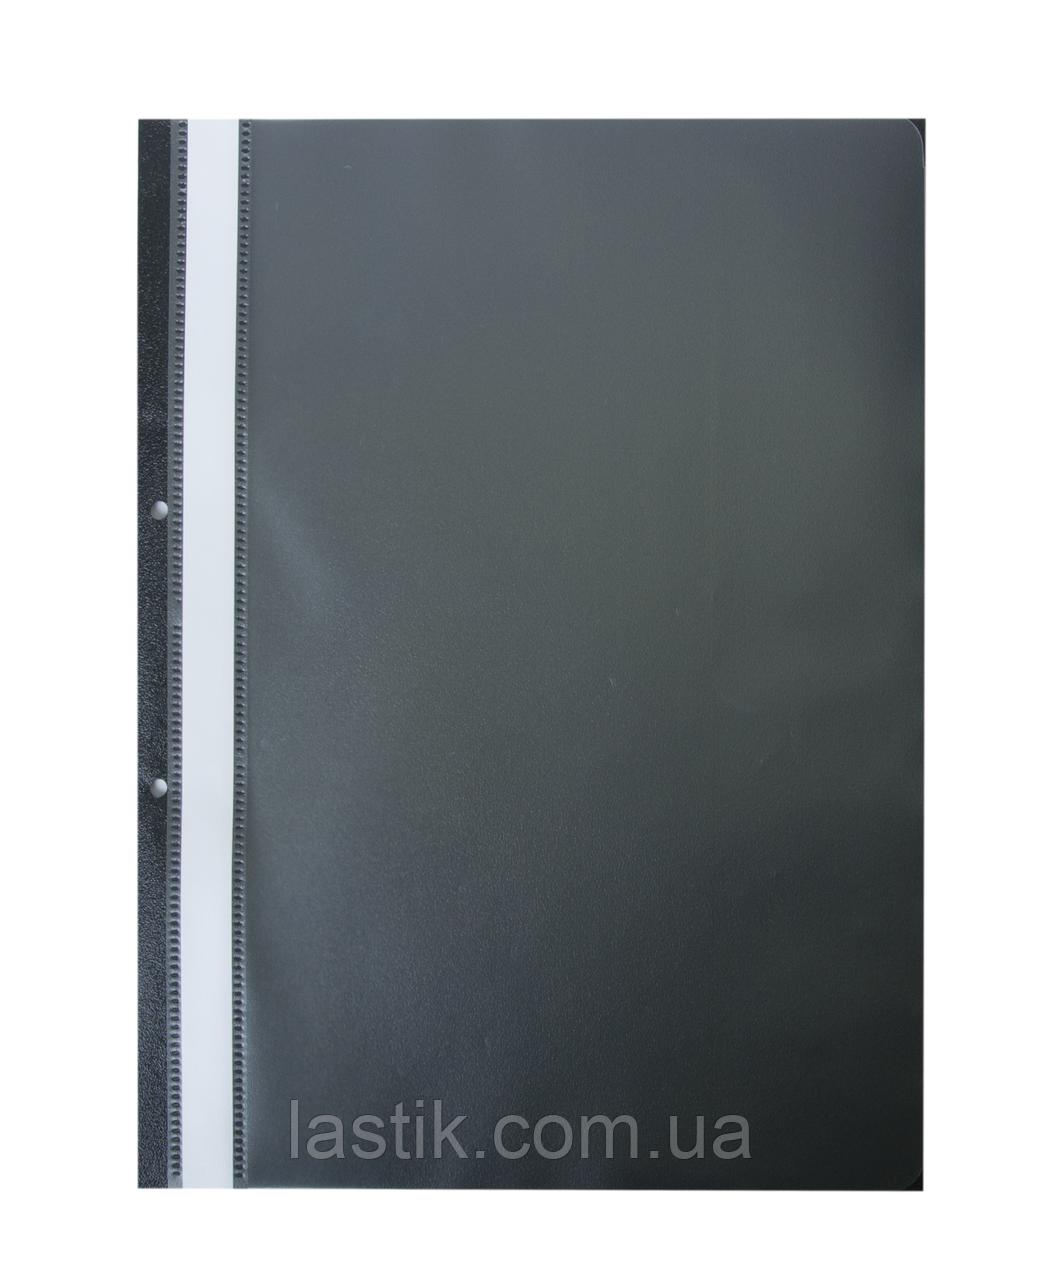 $Папкаскоросшиватель з механізмом вусики JOBMAX А4 110/110 мкм 2 отв 110/110 мкм чорна